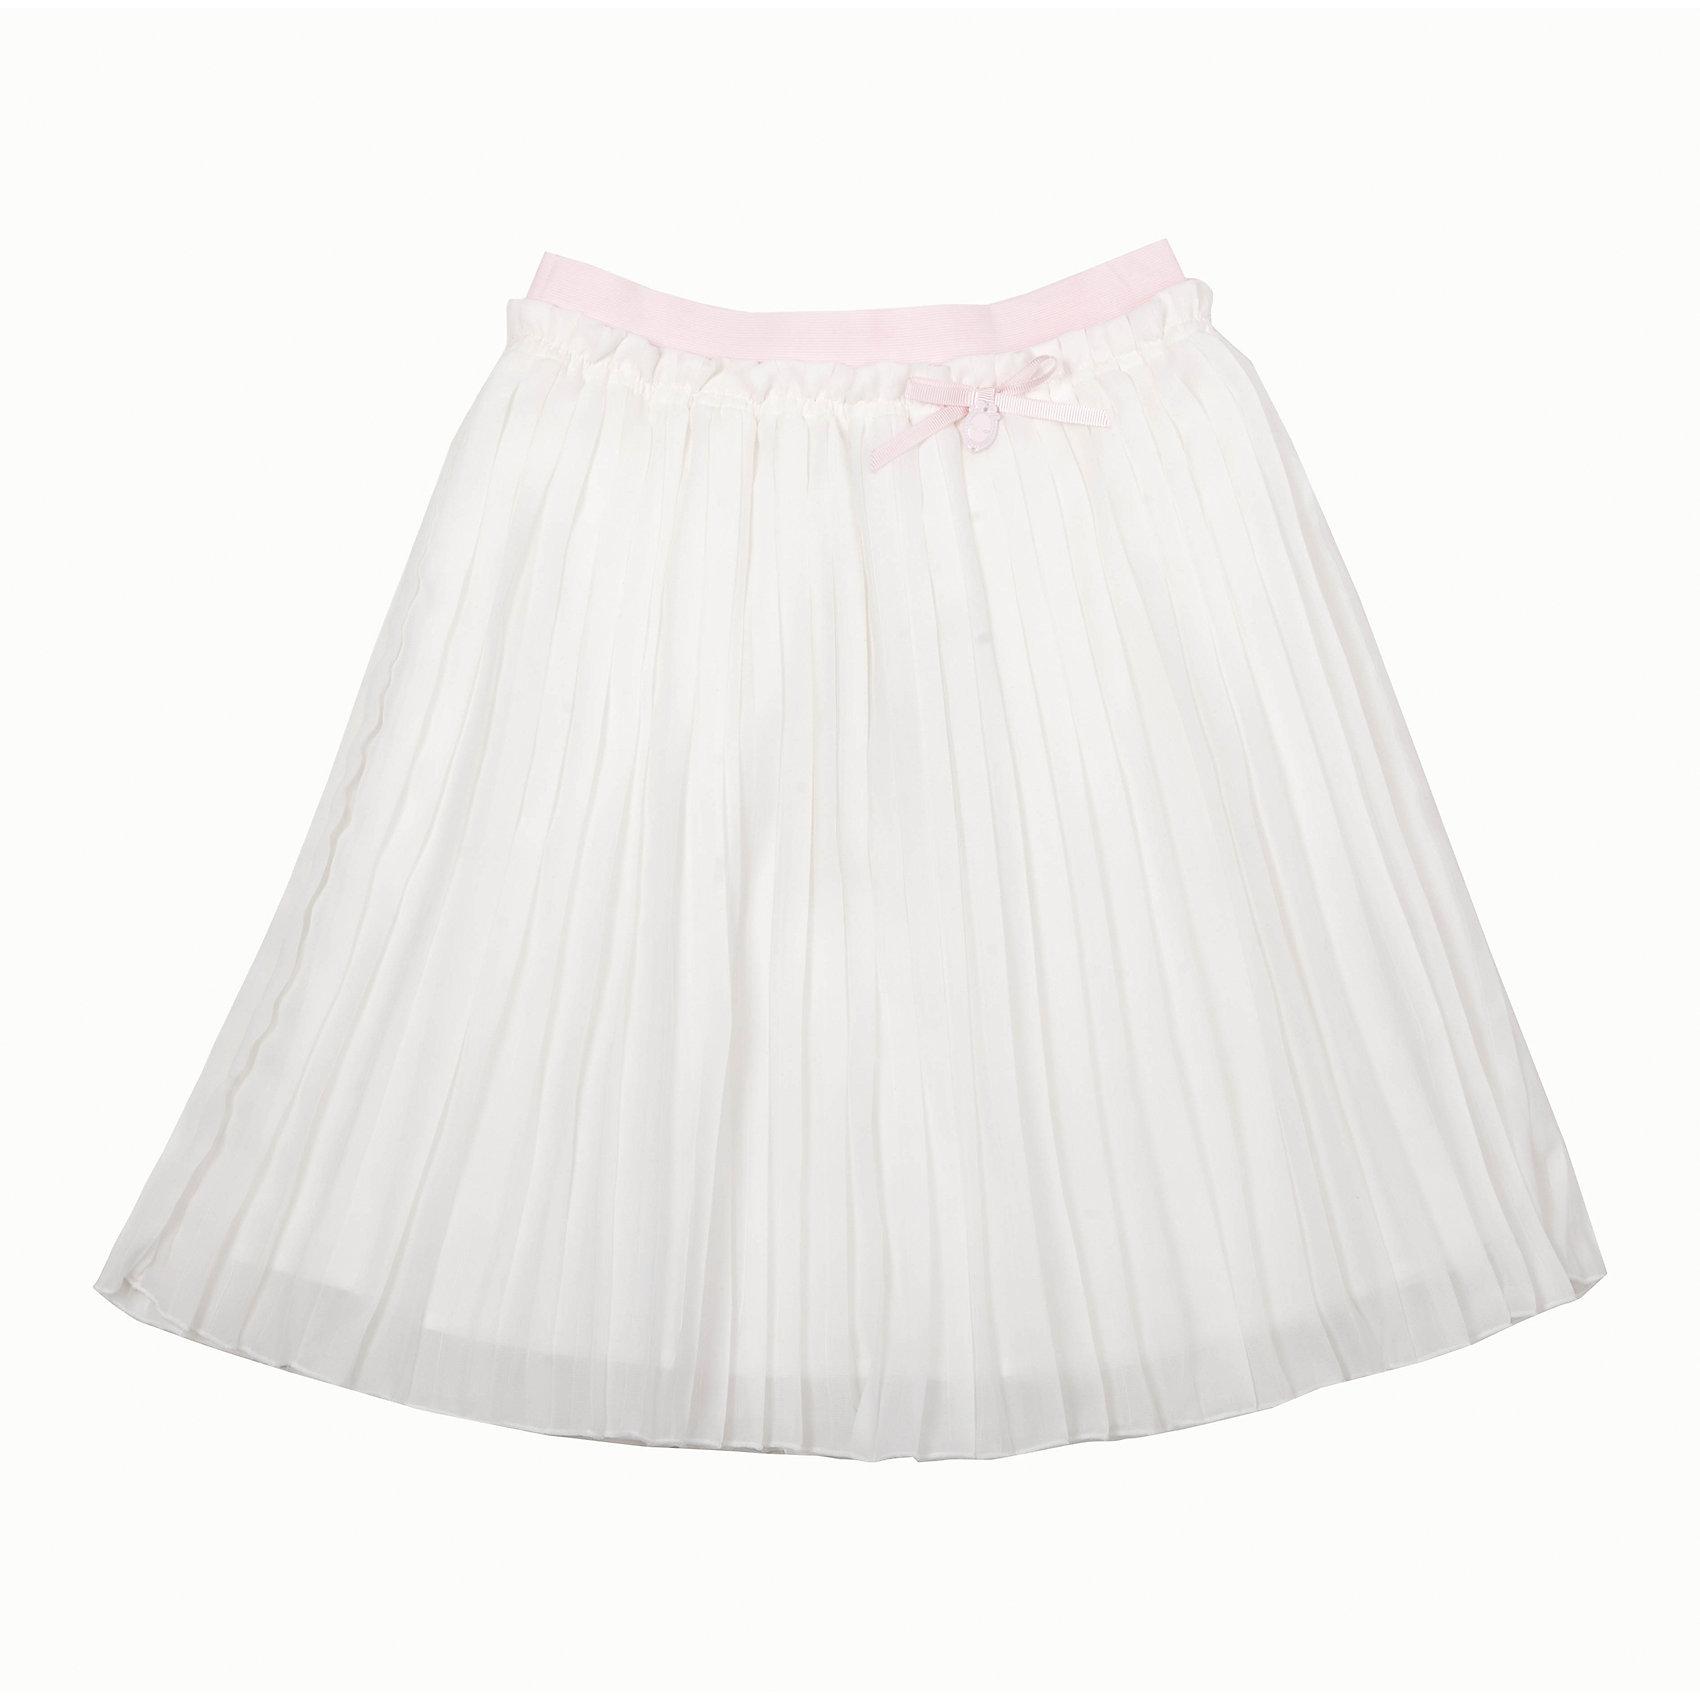 Юбка для девочки GulliverОдежда<br>Роскошная молочная юбка из гофрированного шифона не позволяет пройти мимо! Тонкая, легкая, воздушная, летняя нарядная юбка для девочки на подкладке из хлопка - яркий пример того, какой должна быть модная юбка сезона Весна/Лето 2016. Пояс юбки выполнен из нежной розовой резинки, что очень комфортно для ребенка. В оформлении модели изящная навесная деталь из репсовой ленты с брендированной металлической монеткой.<br>Состав:<br>верх:                        100% полиэстер;       подкл.:                    100% хлопок<br><br>Ширина мм: 207<br>Глубина мм: 10<br>Высота мм: 189<br>Вес г: 183<br>Цвет: бежевый<br>Возраст от месяцев: 132<br>Возраст до месяцев: 144<br>Пол: Женский<br>Возраст: Детский<br>Размер: 152,146,140,134,158,128<br>SKU: 4534420